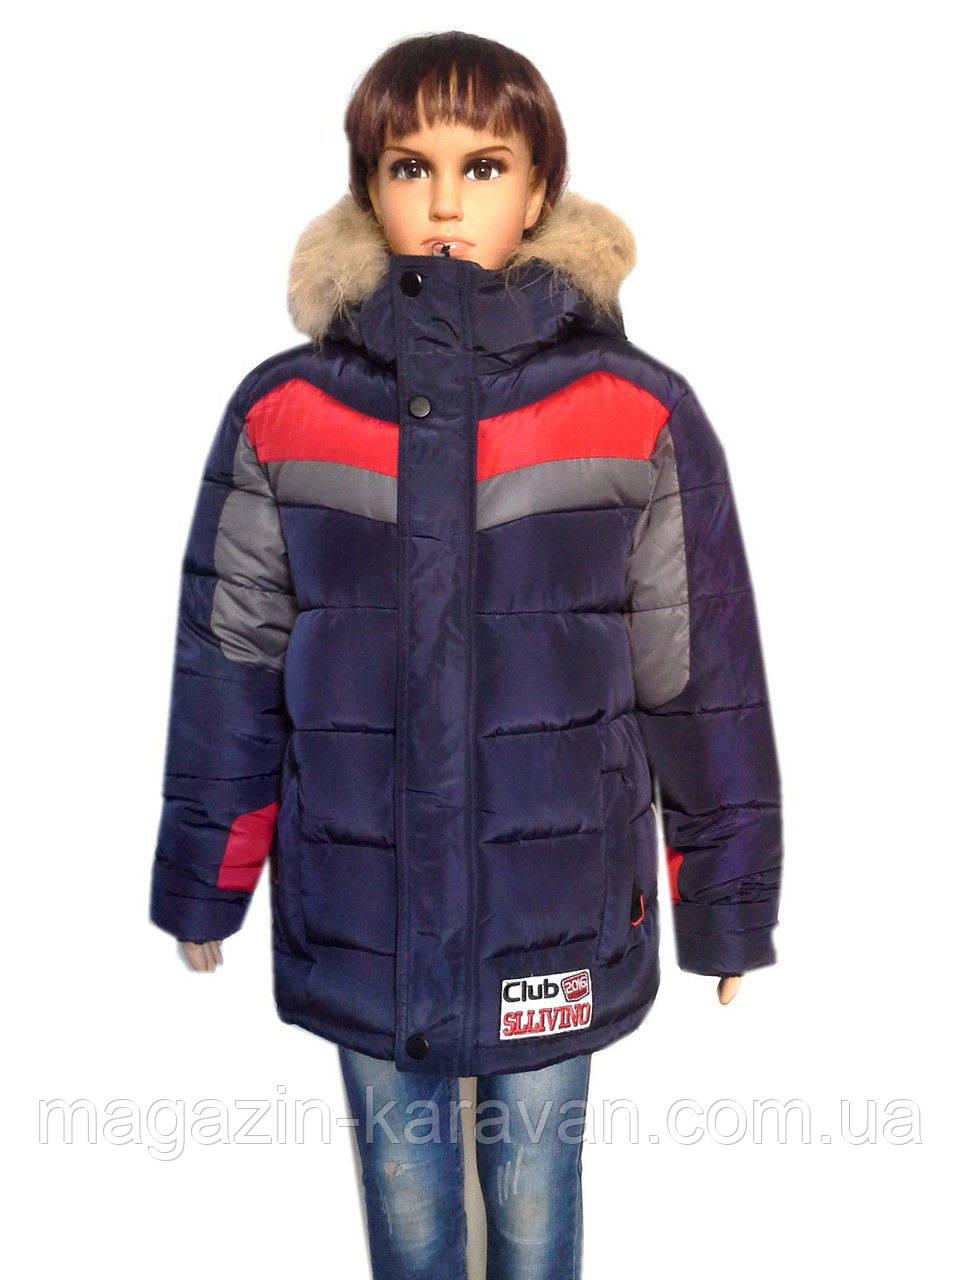 Классная куртка зимняя для мальчика